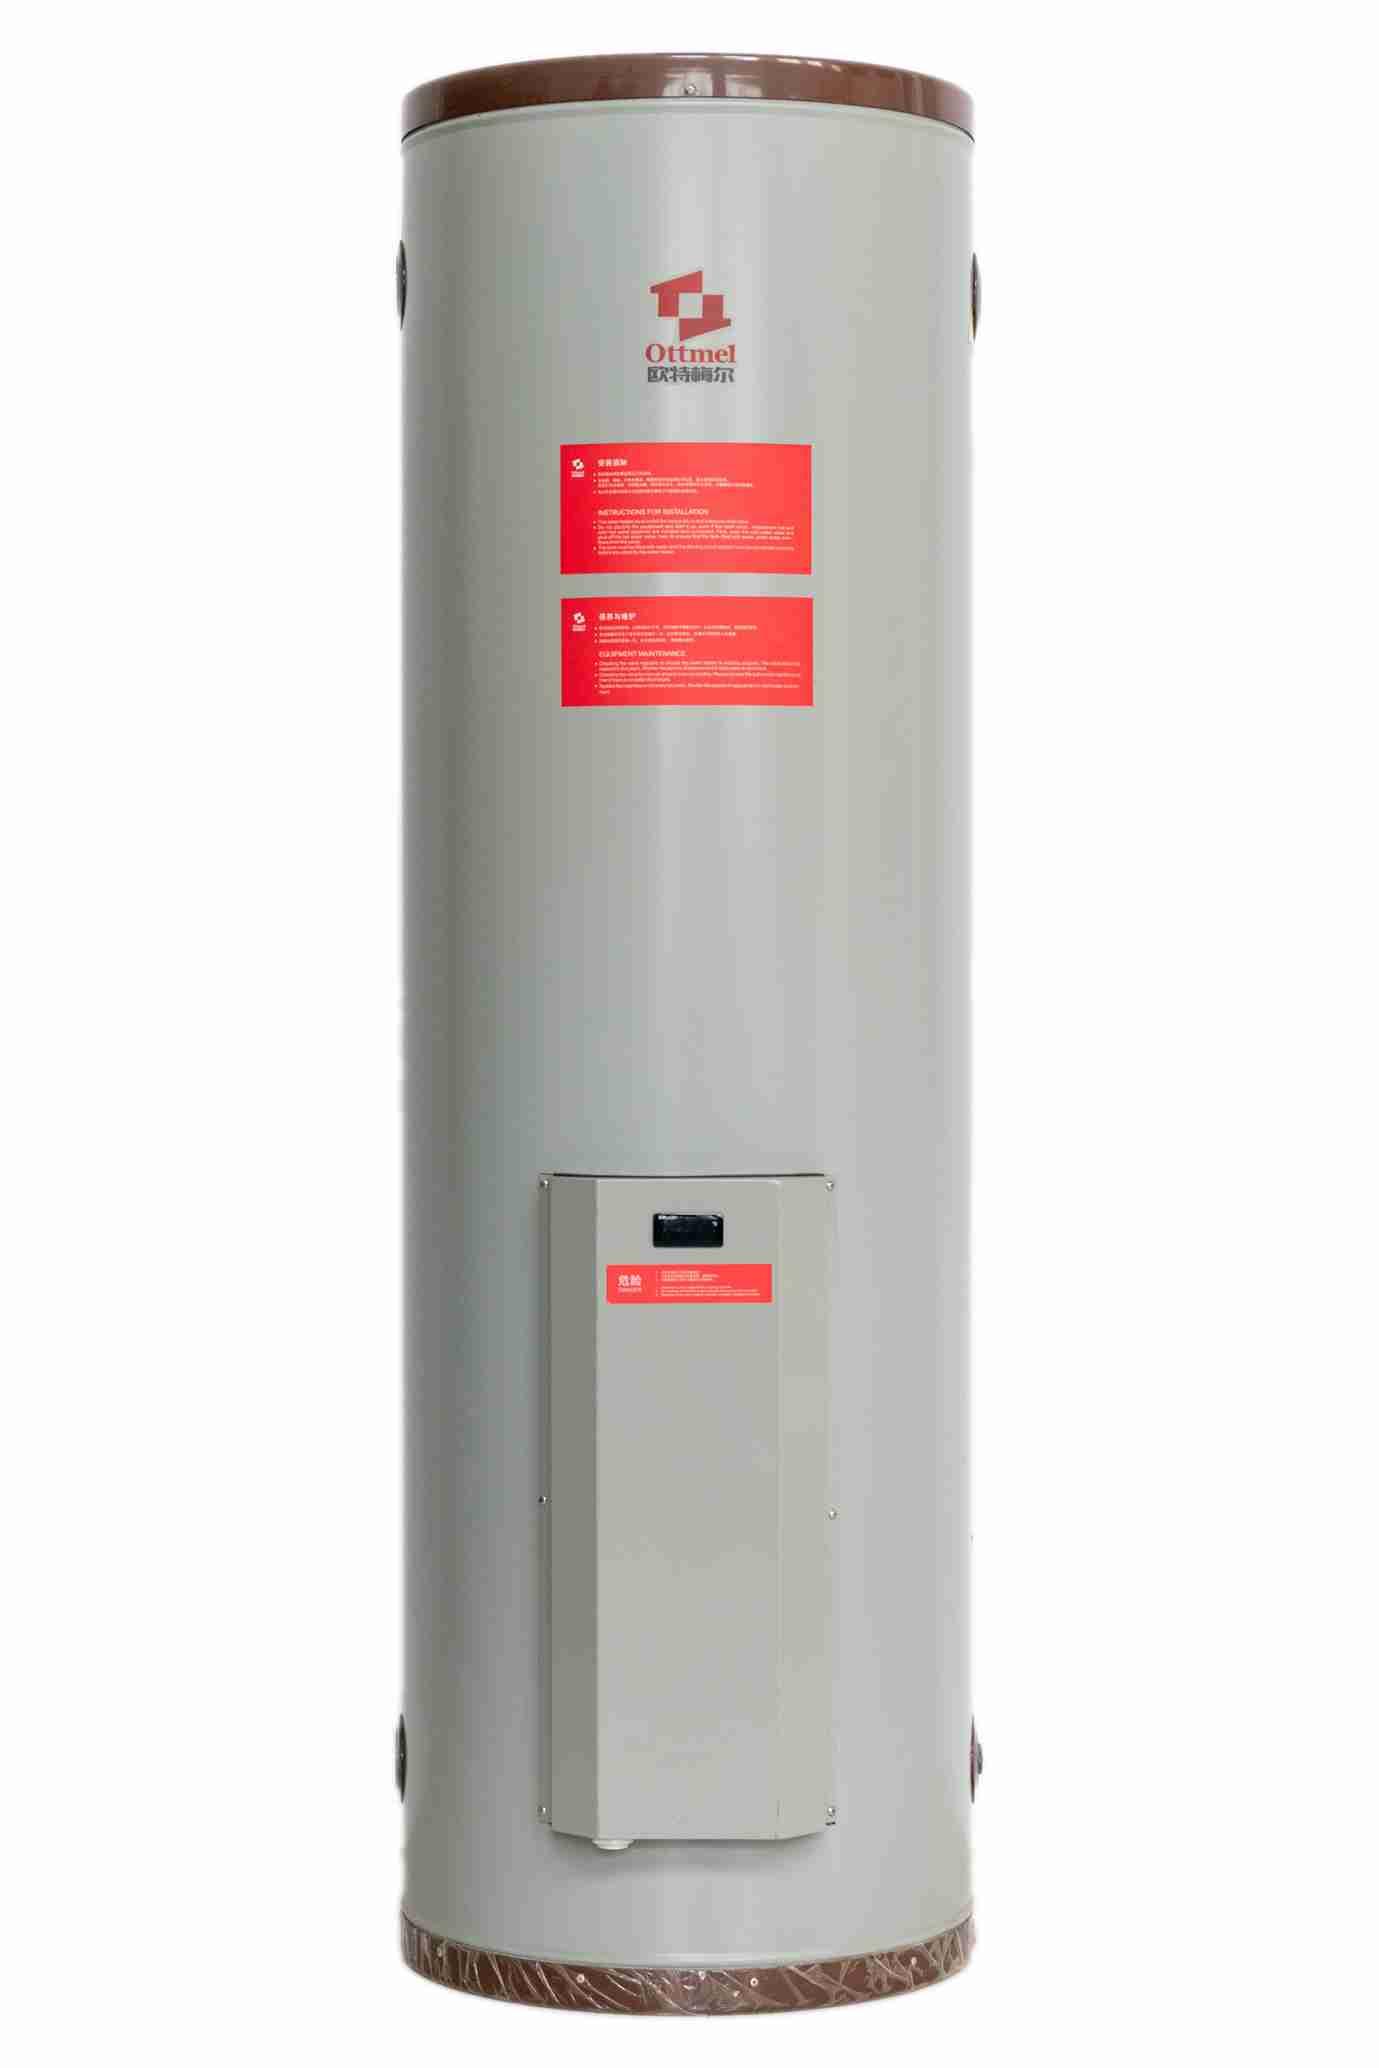 洗浴容积式热水器怎么样 欧特梅尔新能源供应